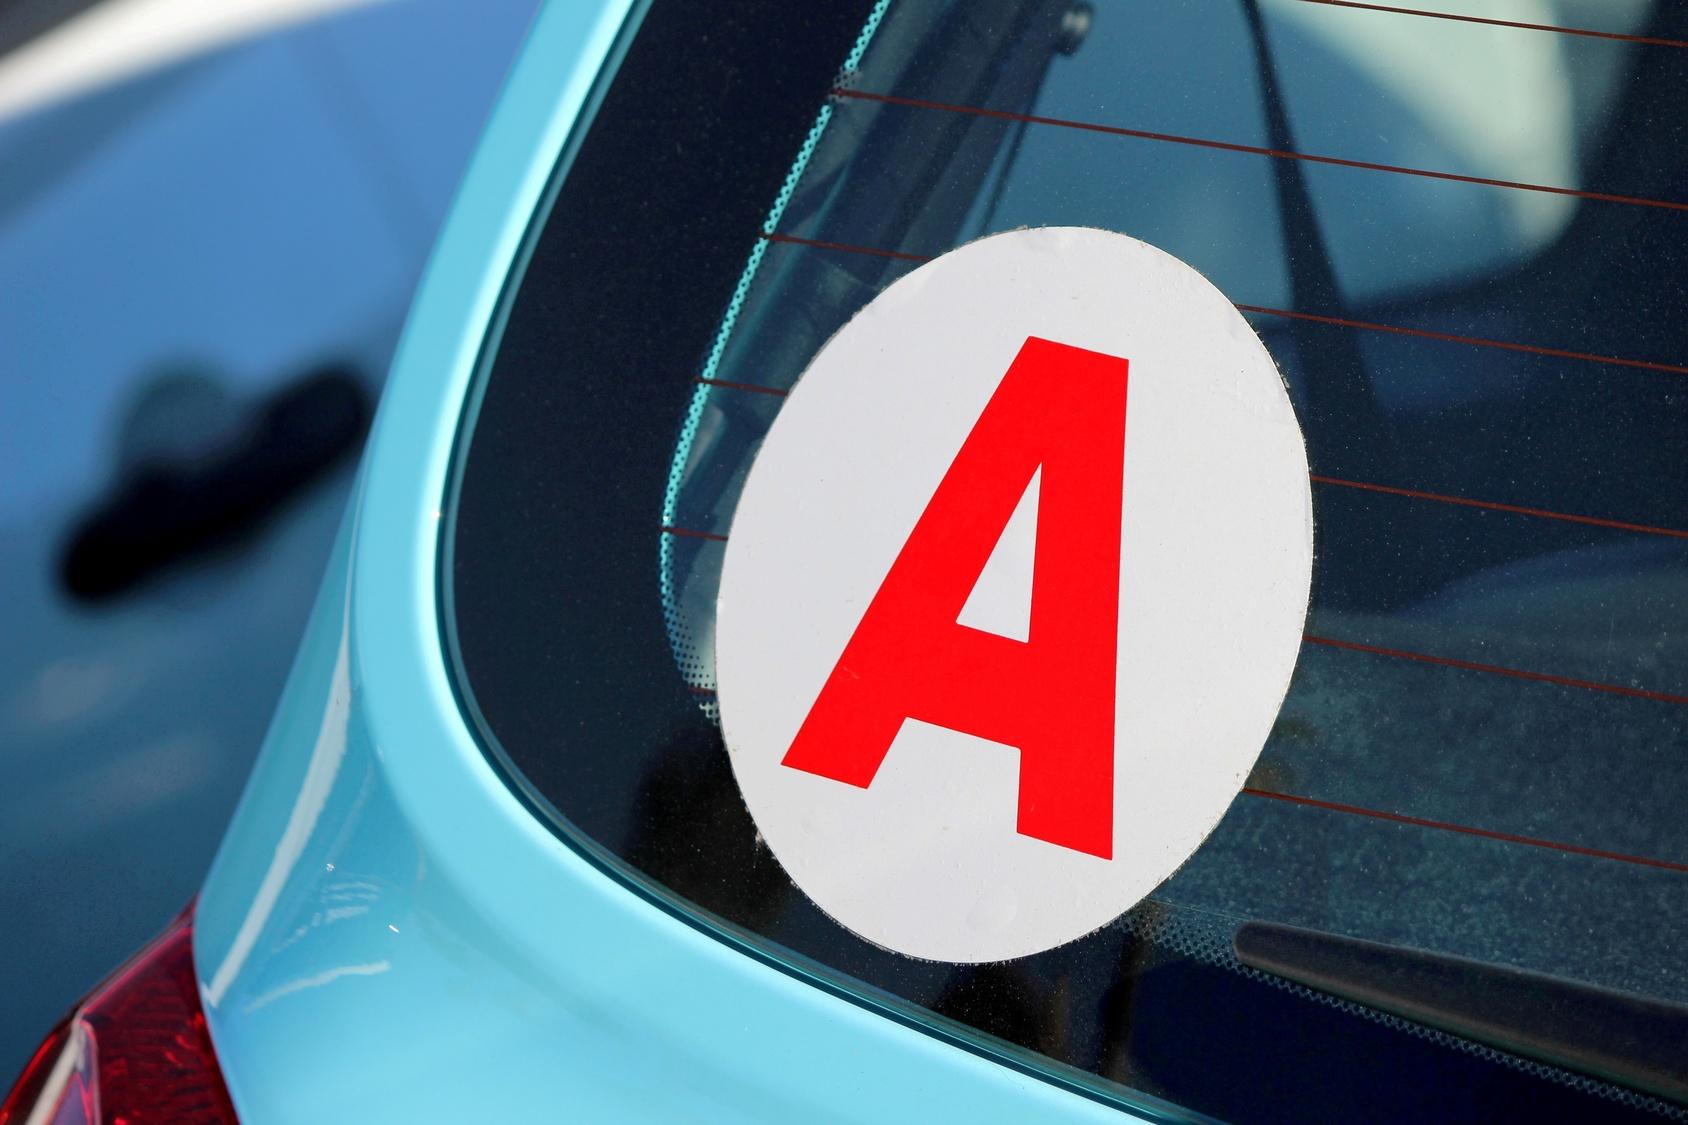 Autocollant A - Disque A sur vehicule